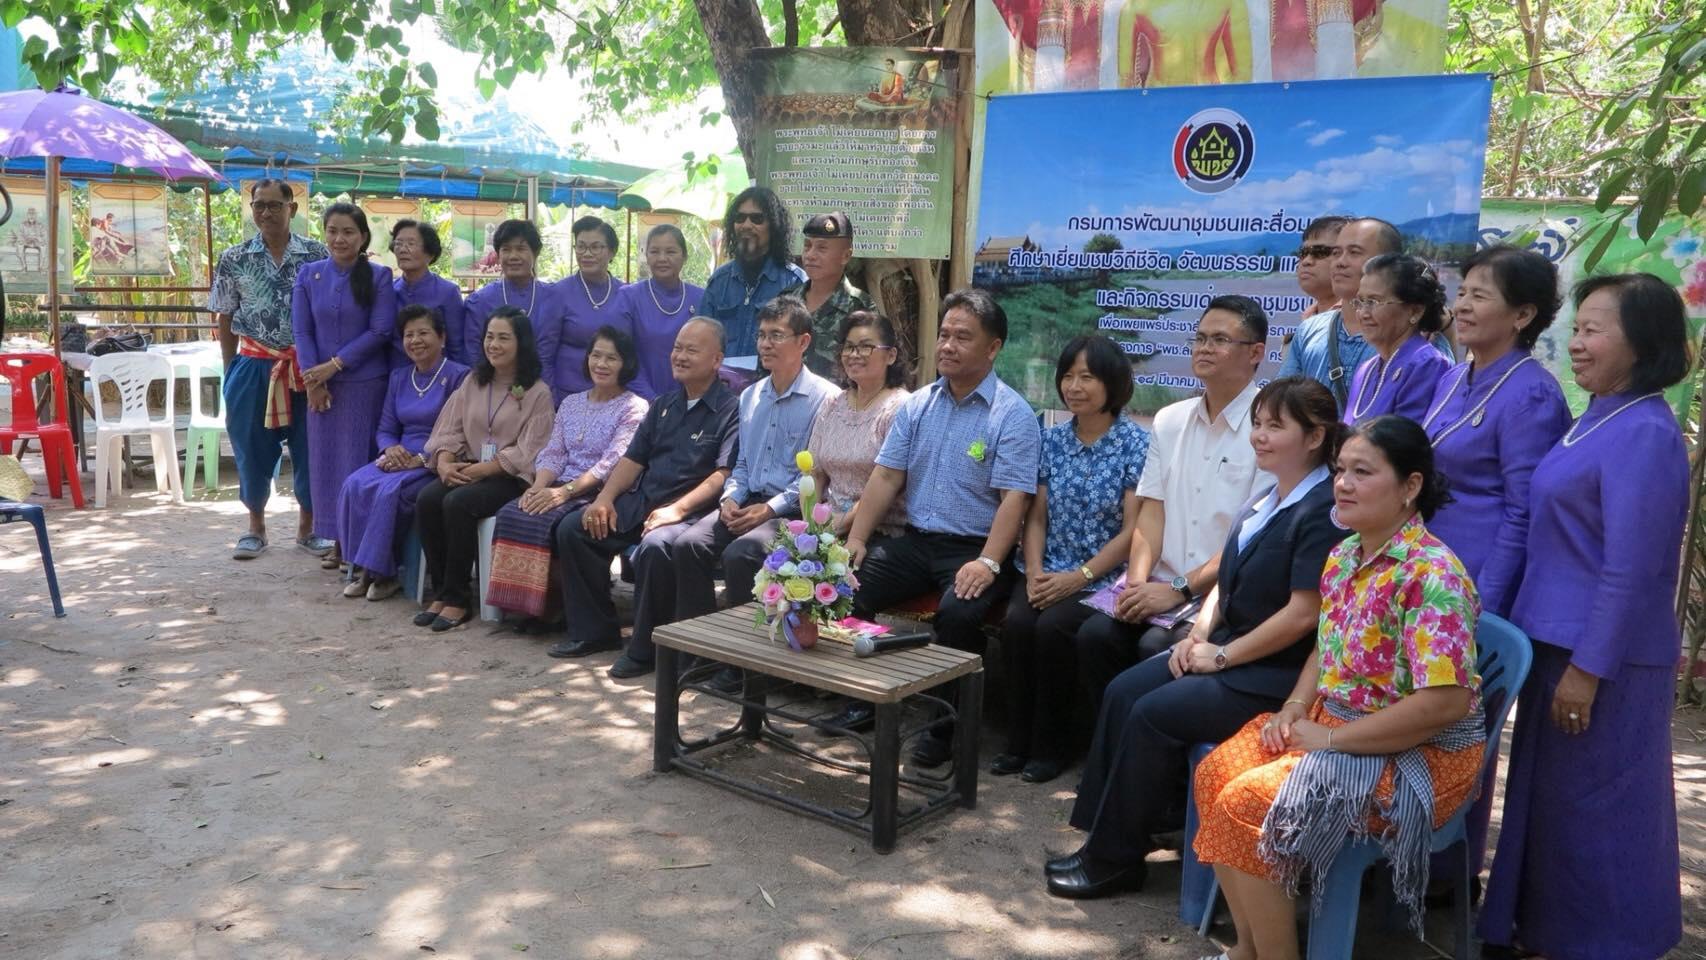 พช.ลงพื้นที่อุดร โชว์ความสำเร็จ โมเดลงานพัฒนาชุมชนเข้มแข็ง ขานรับไทยนิยม